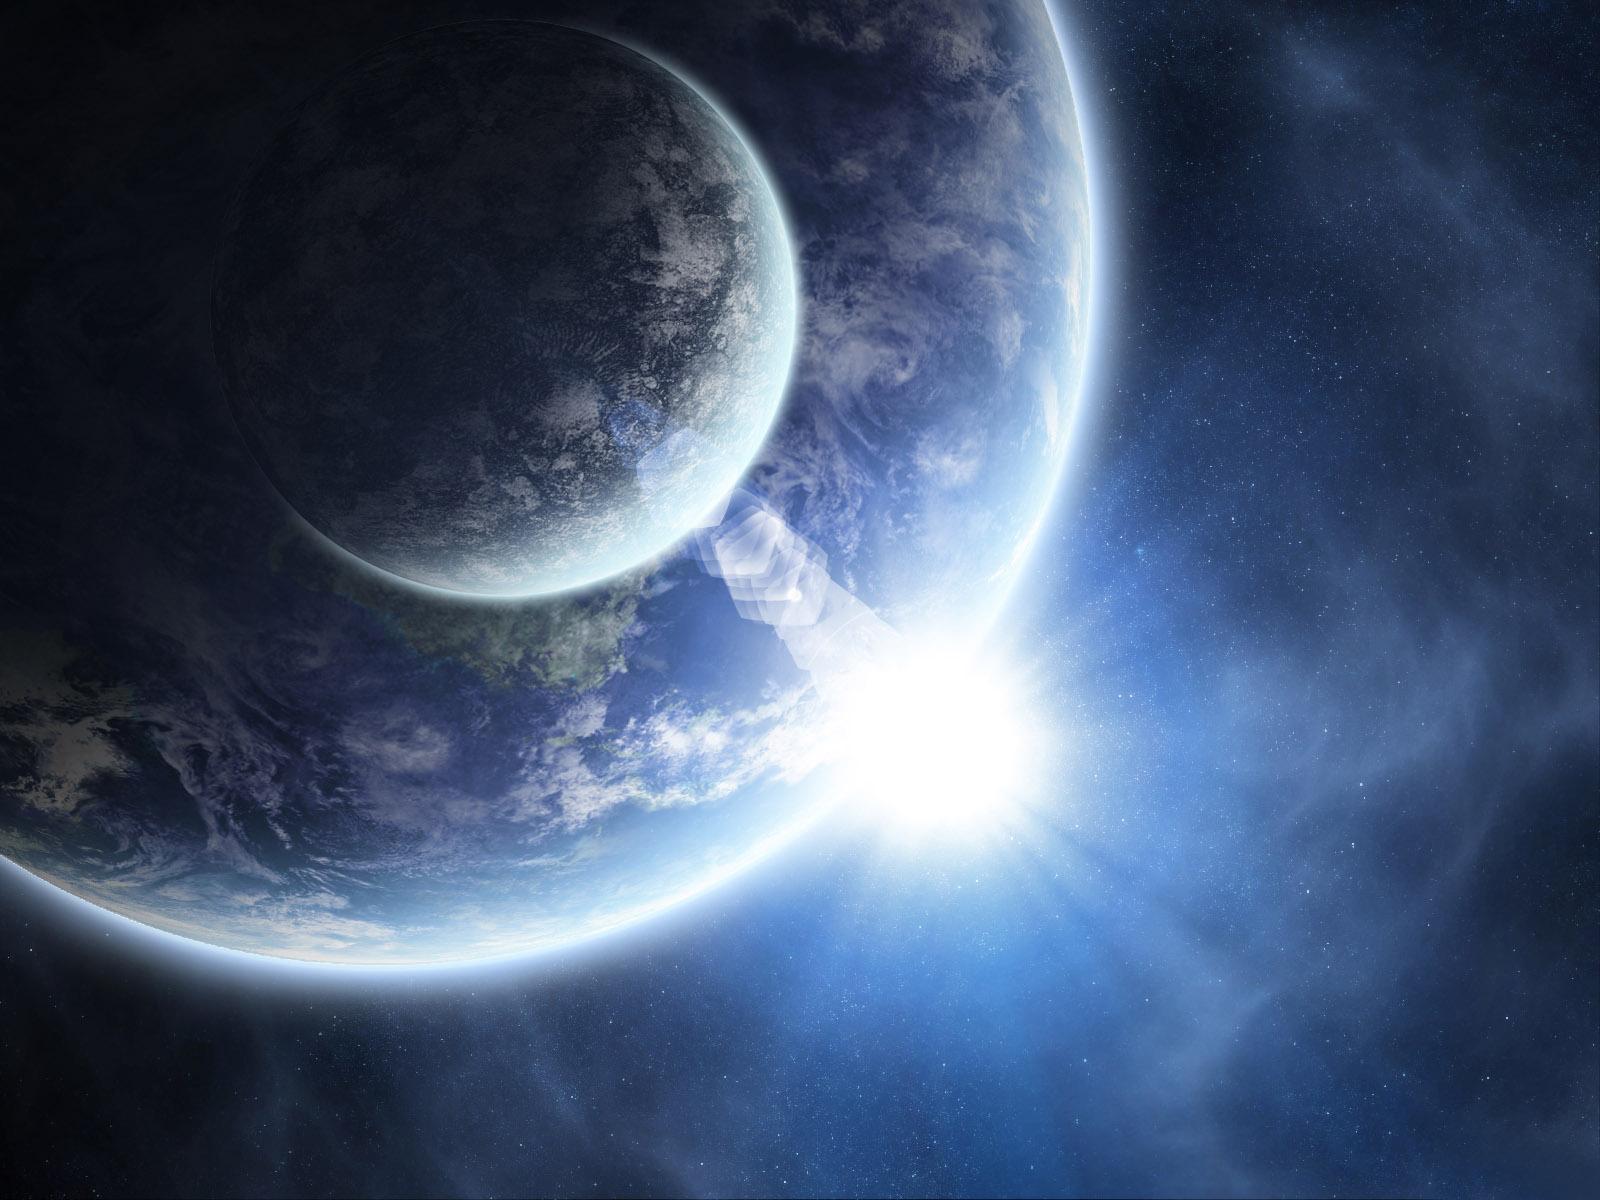 http://1.bp.blogspot.com/_qHD7jtyC674/TEiDs3KzziI/AAAAAAAAABg/MgX7C_DarD0/s1600/wp-universo-04.jpg